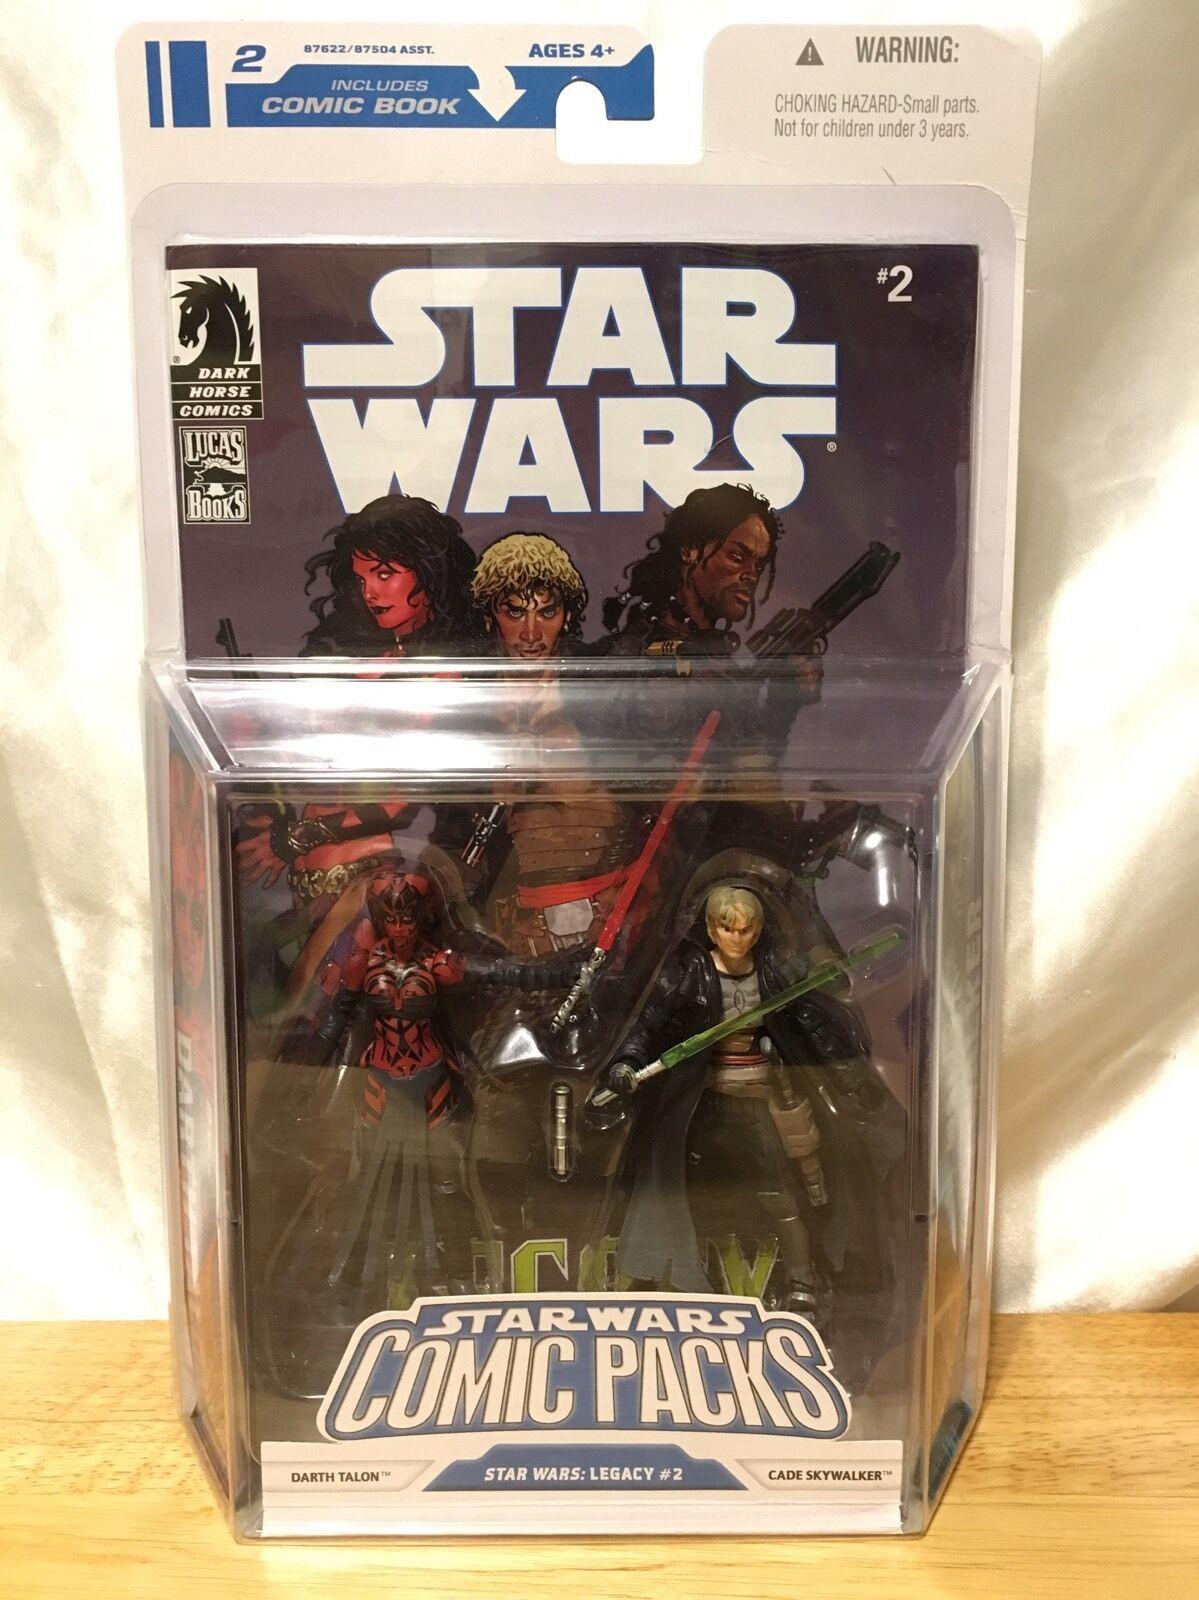 Figura De Estrella Wars Comic Packs Darth Talon y Cade Skywalker 3.75 Nuevo En Caja